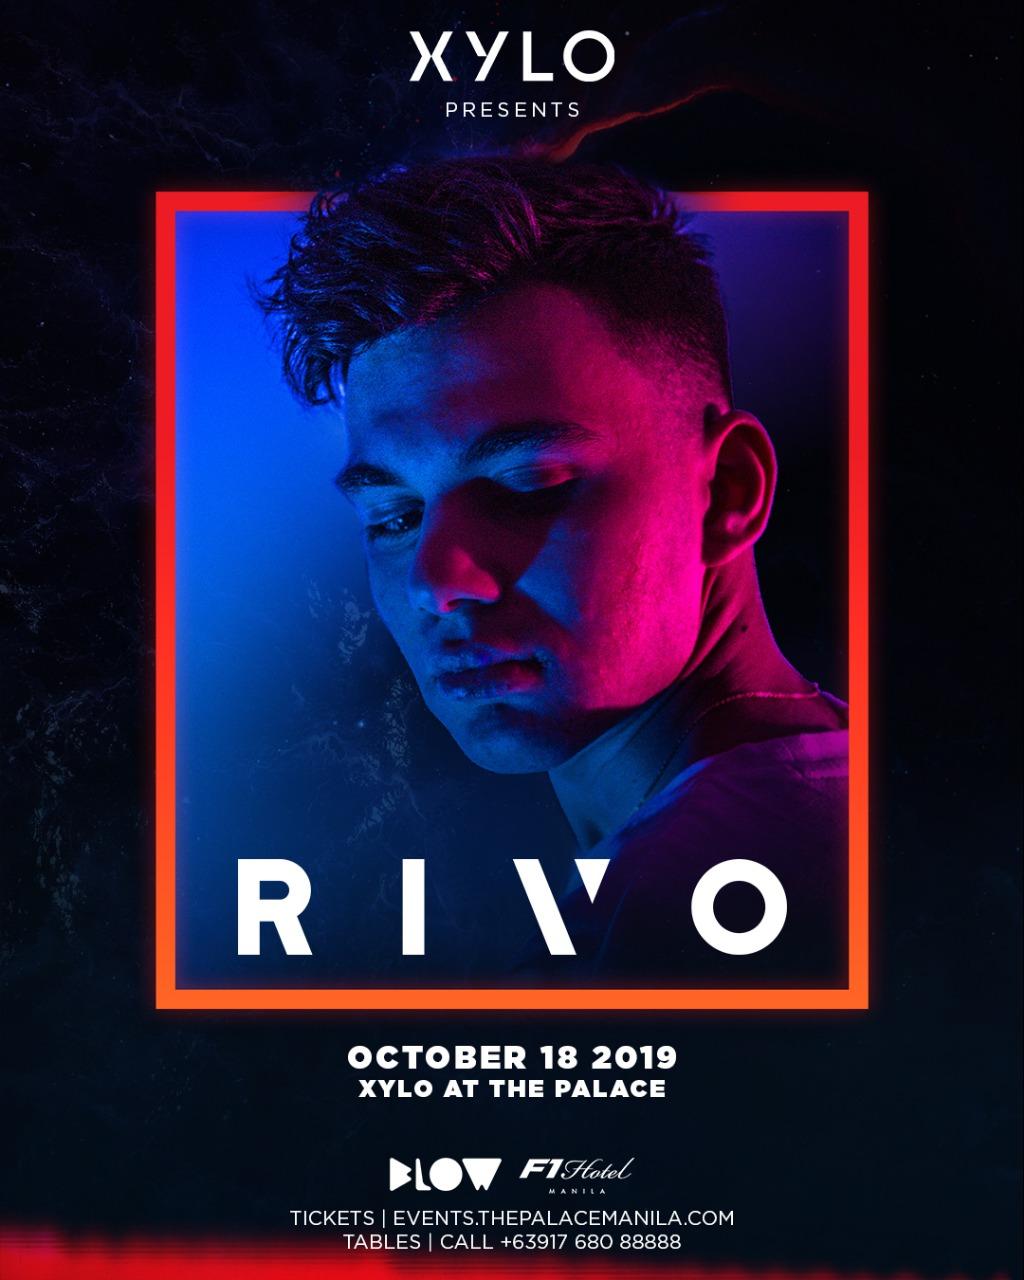 RIVO at XYLO